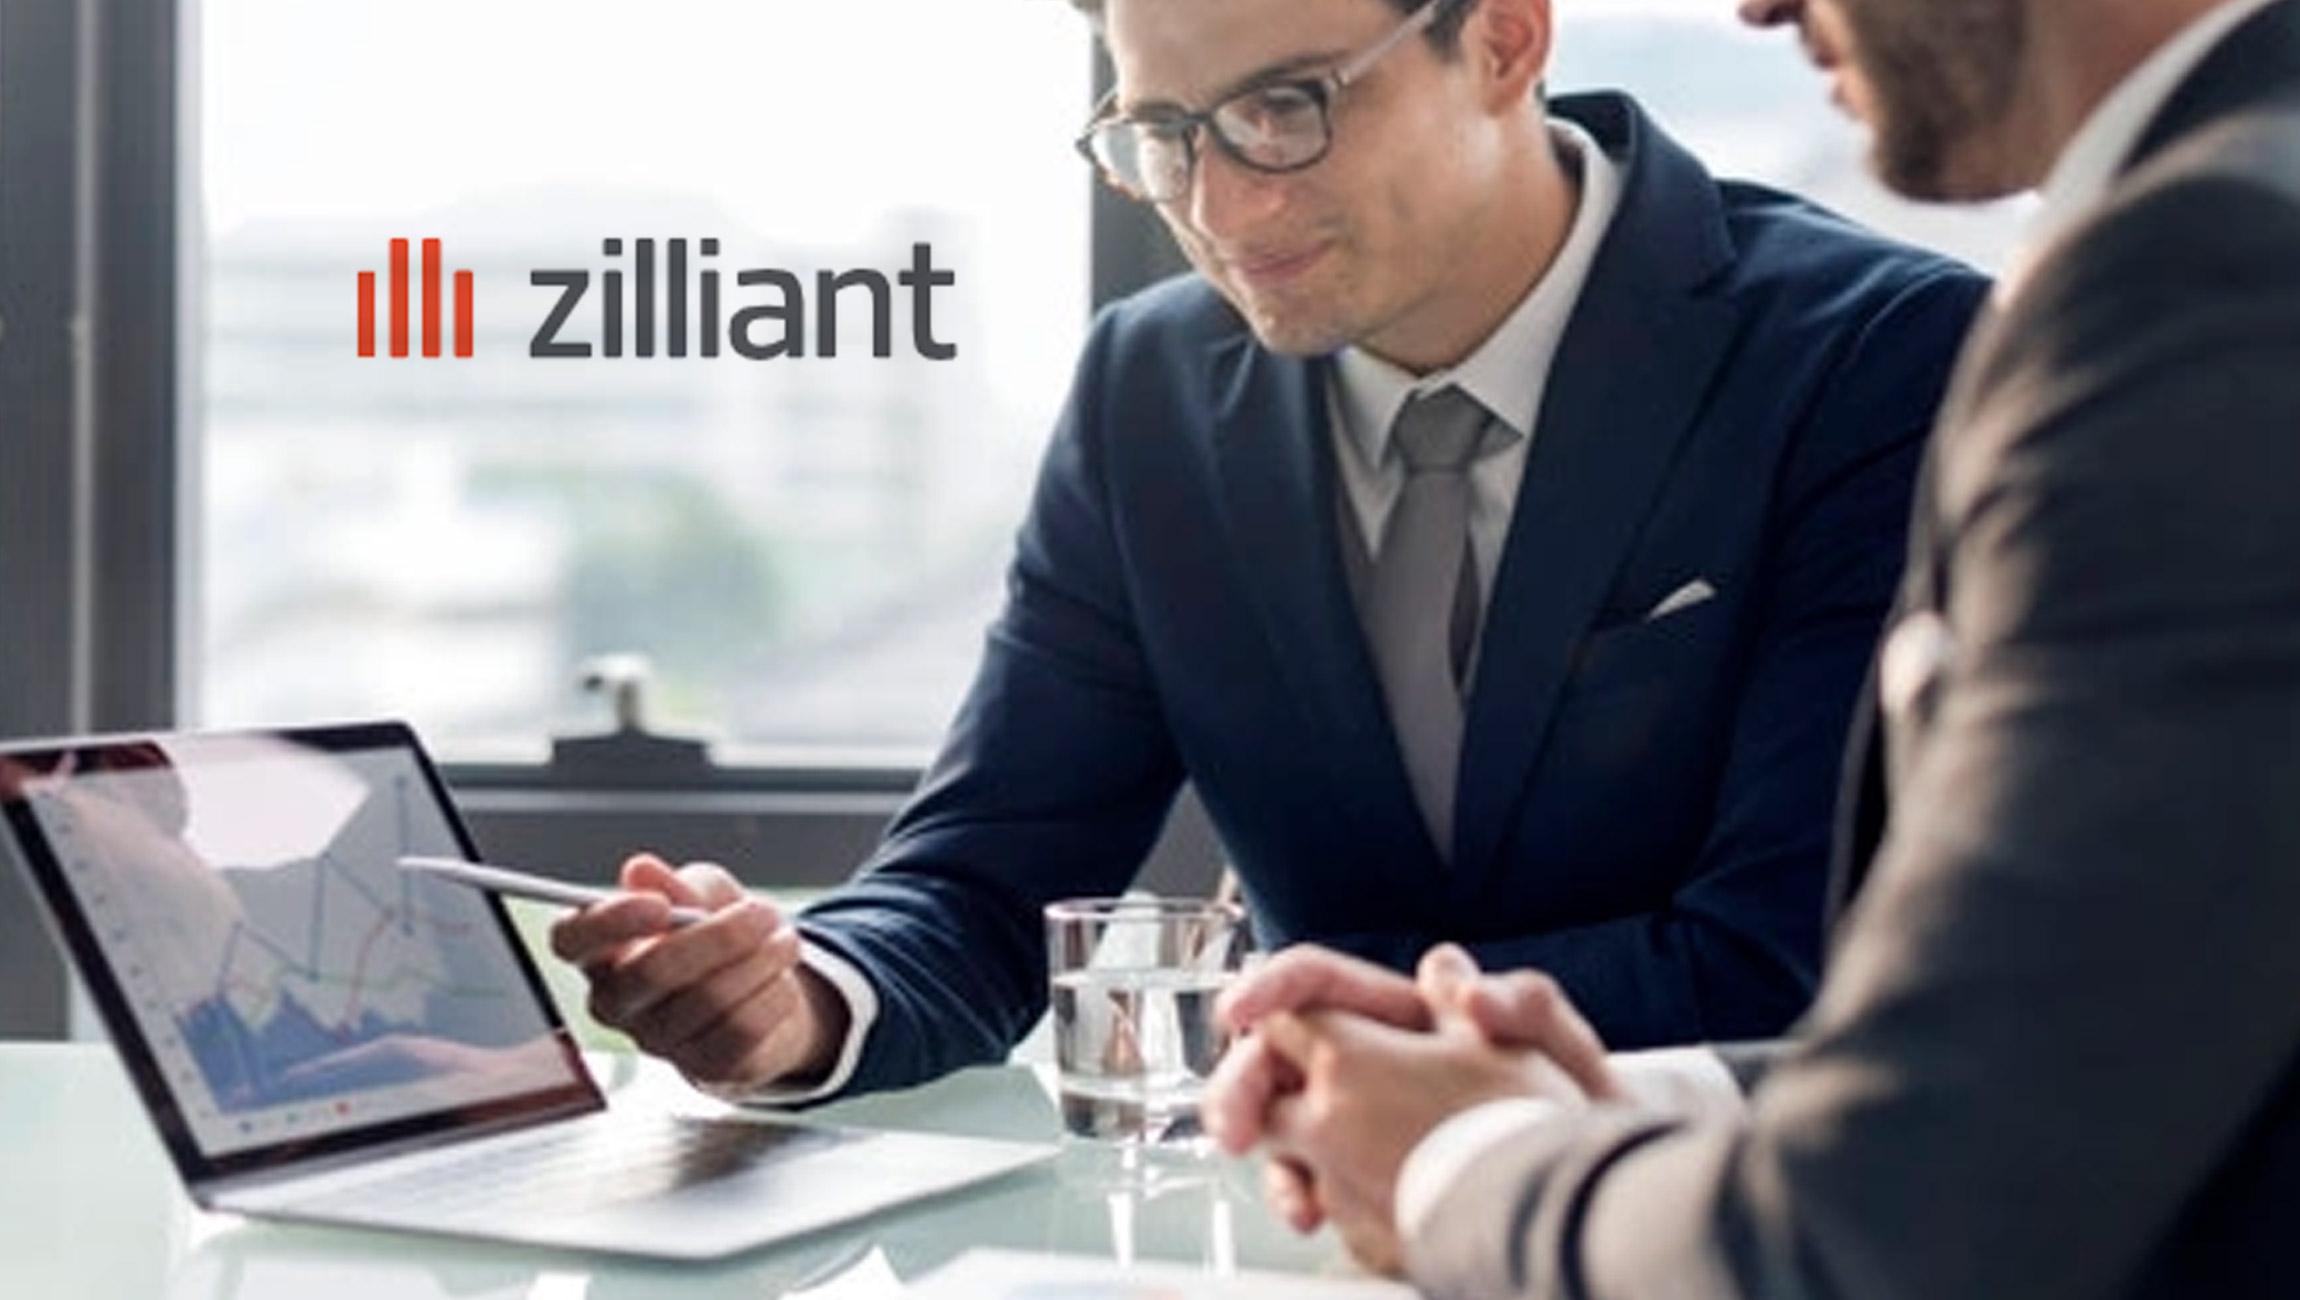 Zilliant Announces MindShare 2021